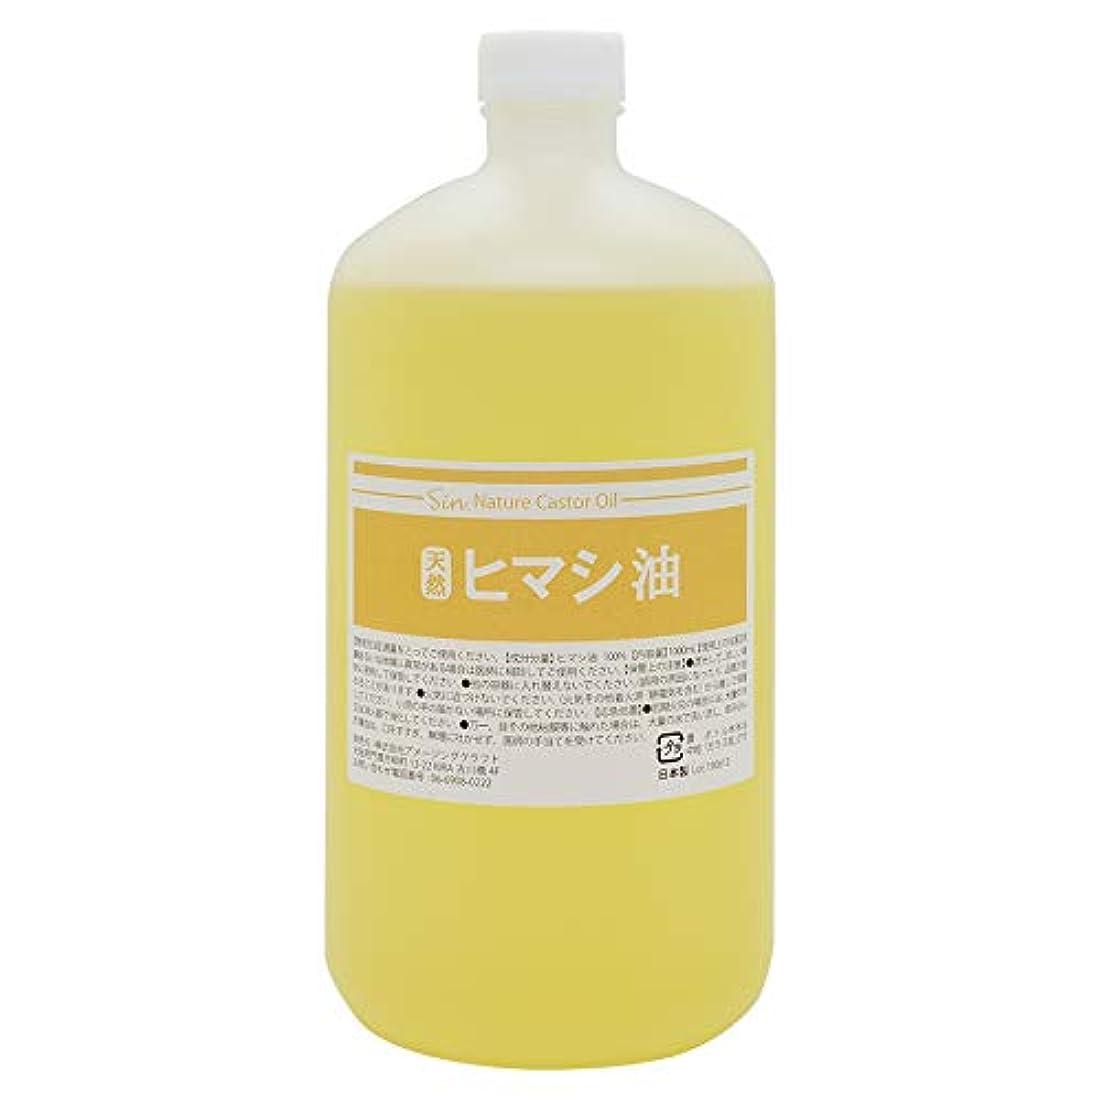 悪行狂人寂しい天然無添加 国内精製 ひまし油 1000ml (ヒマシ油 キャスターオイル)